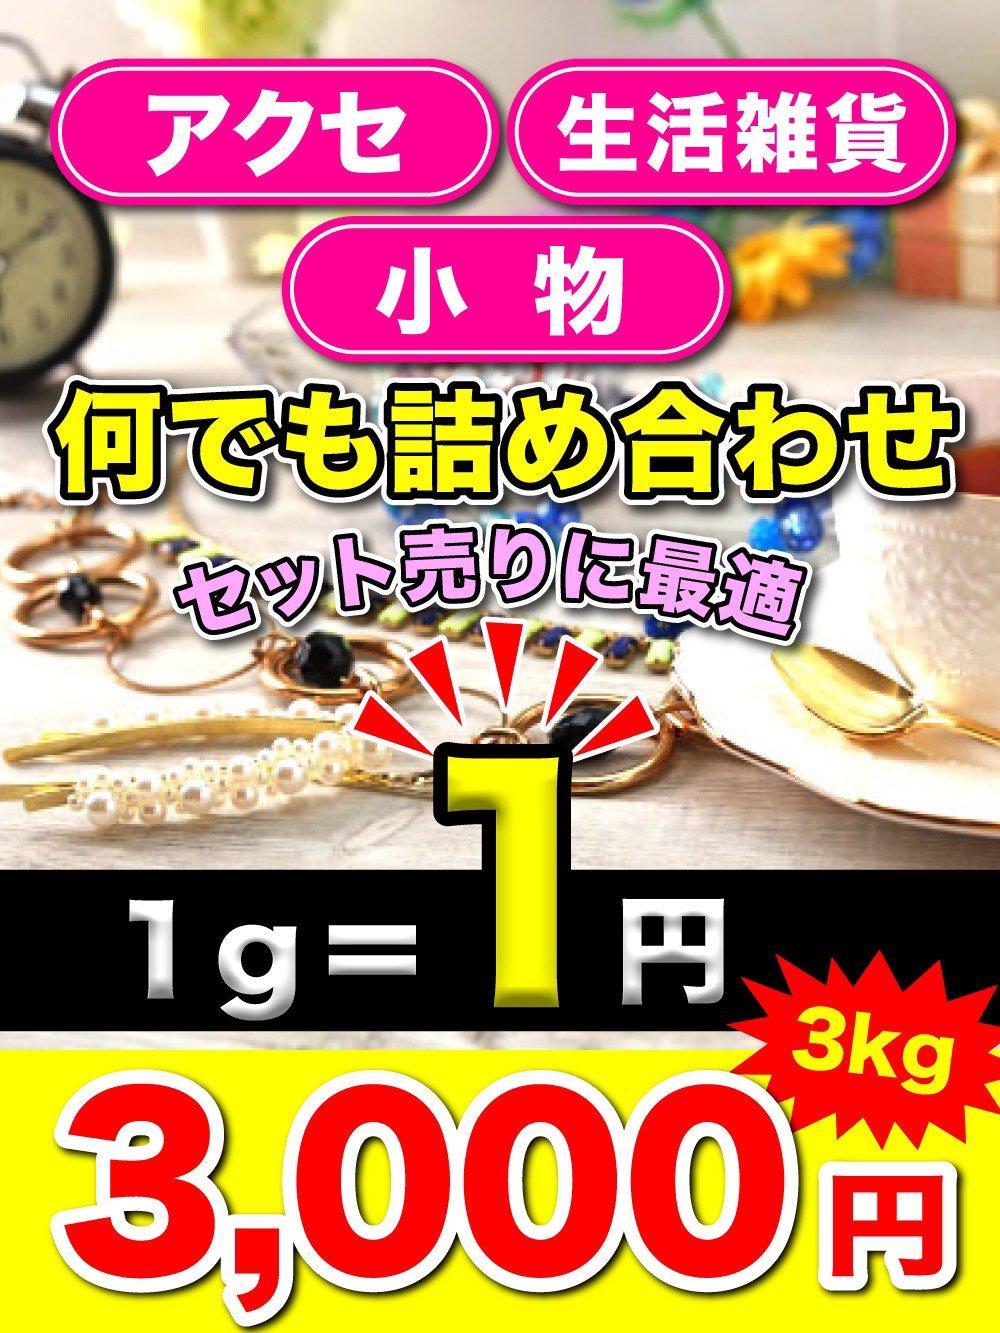 【セット売りに最適】アクセ生活雑貨小物何でも詰め合わせ【1g★1円=3kg】